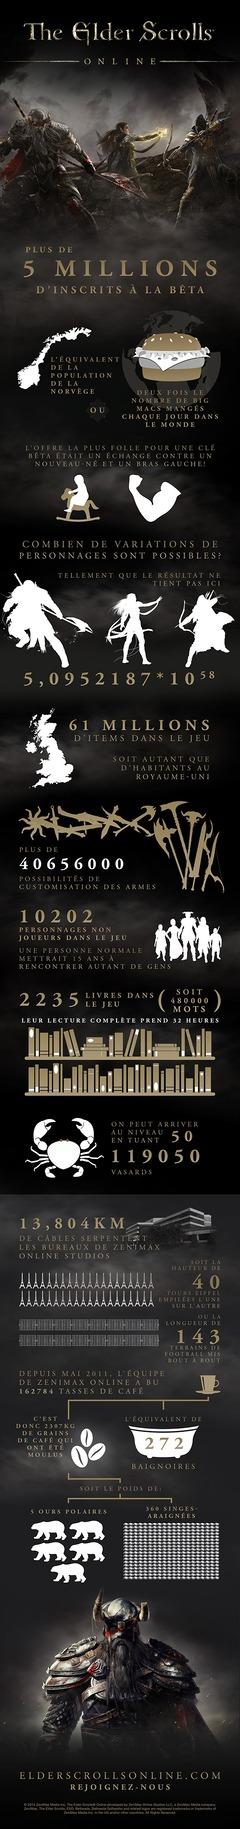 The-Elder-Scrolls-Online-infographic_Frenchb.jpg